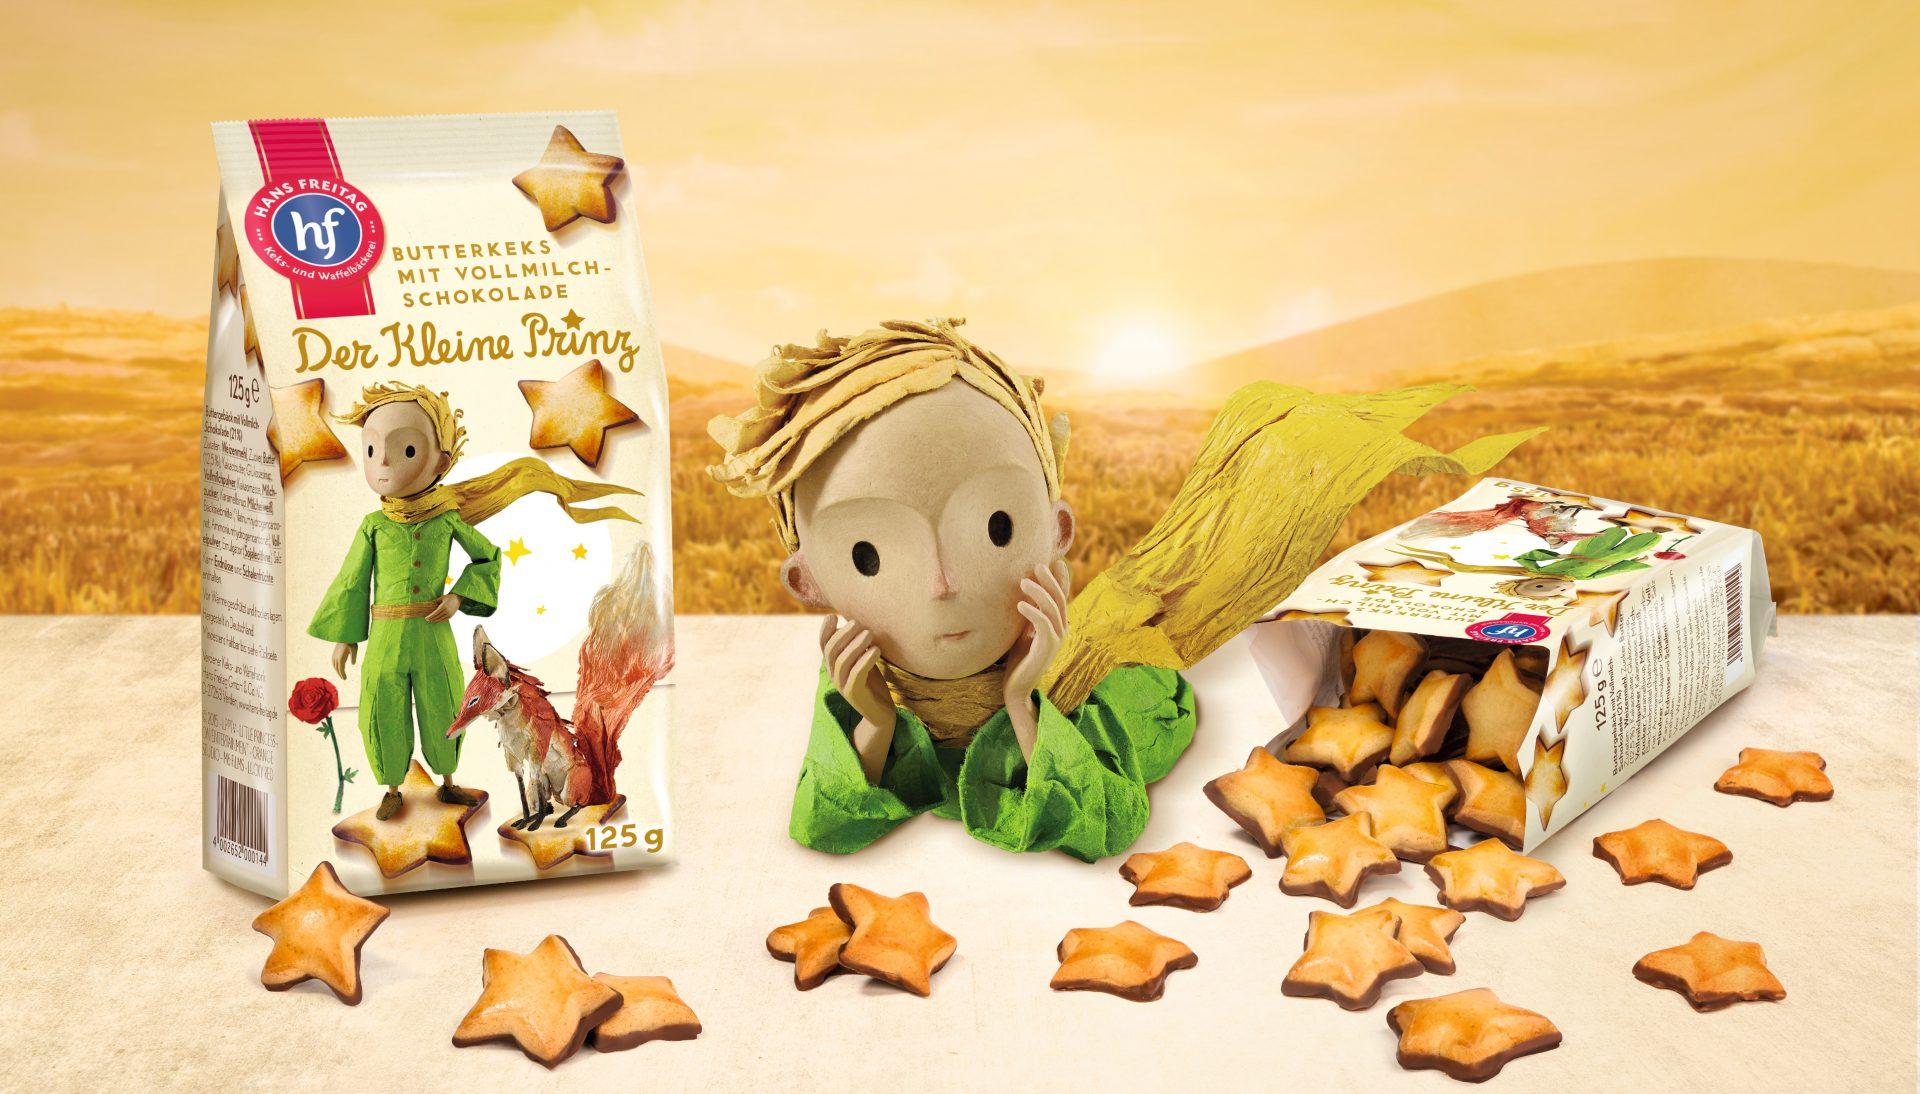 Verpackungsdesign Malvega: Der Kleine Prinz, Hans Freitag